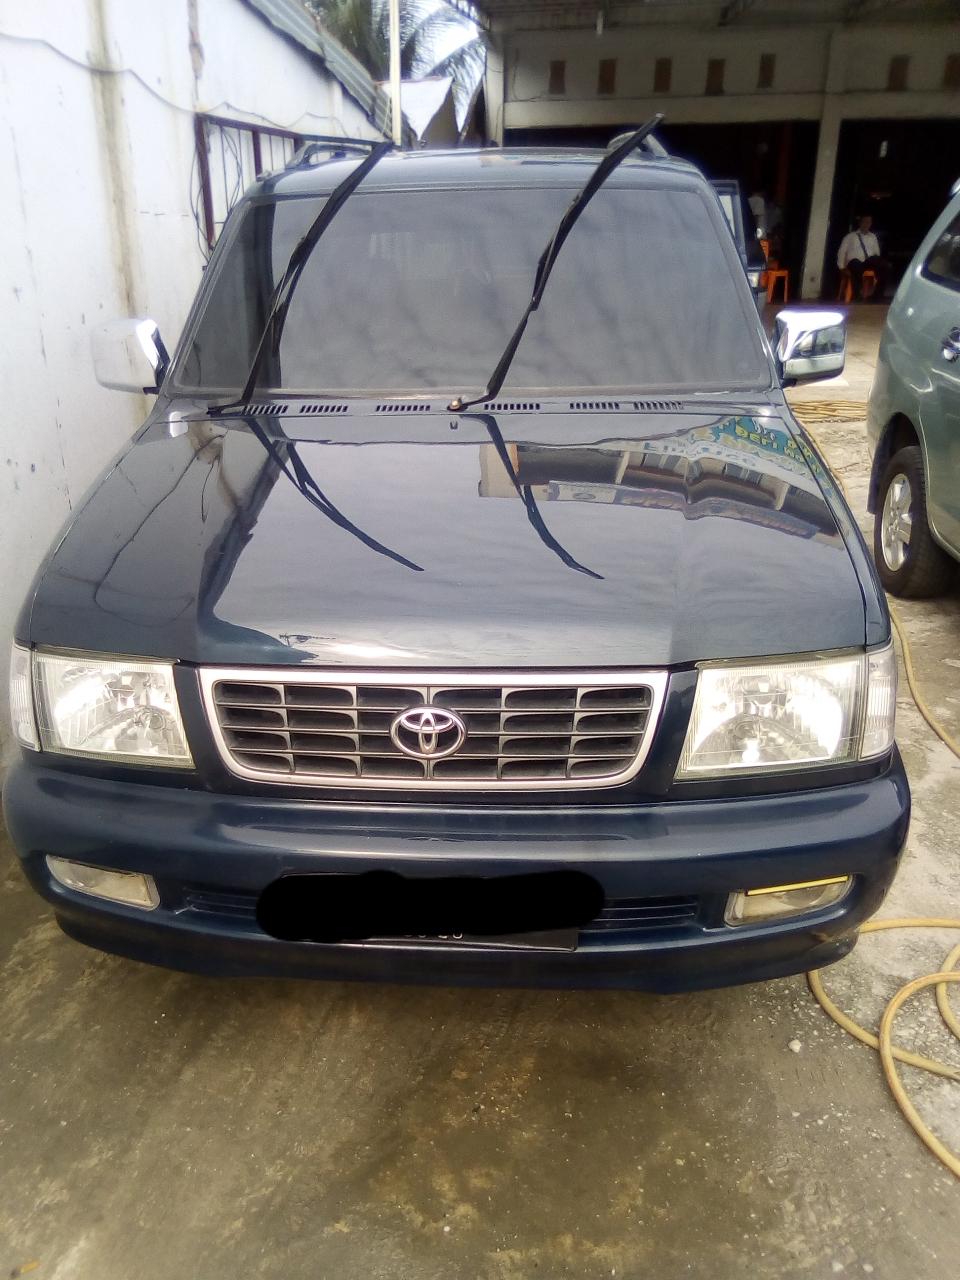 Dijual Toyota Kijang Ssx Thn 2001 Abu Baim Jual Beli Mobil Bekas